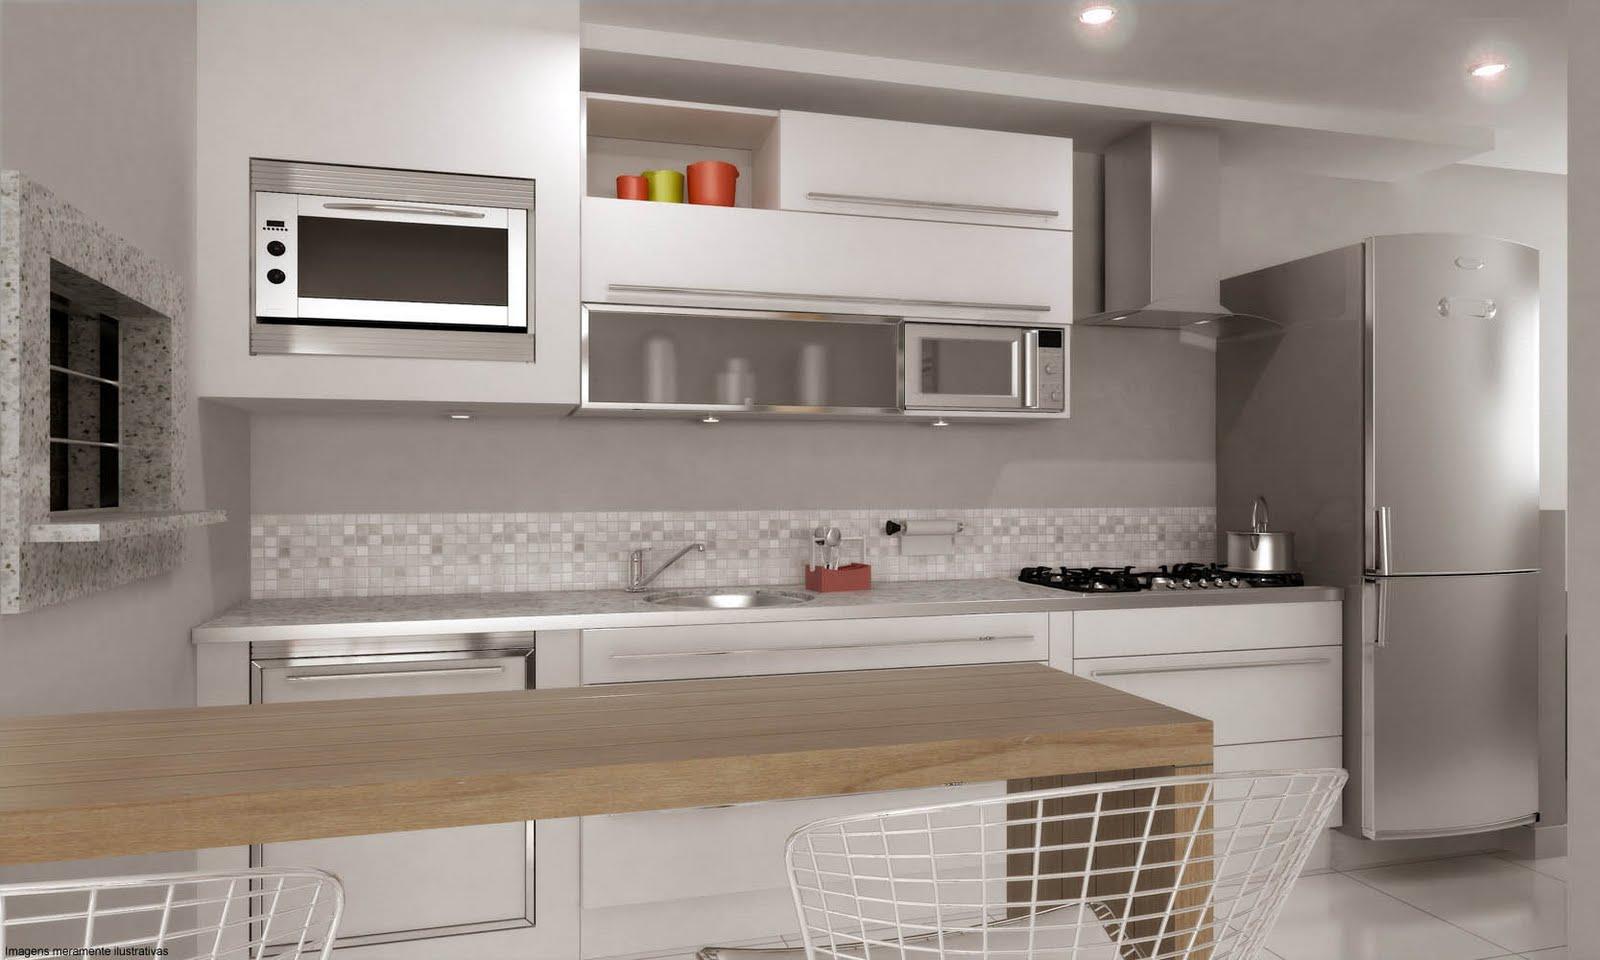 Inn Side Apartamentos 2 dormitórios R$ 129mil* Imóveis Novos #A43E27 1600 960